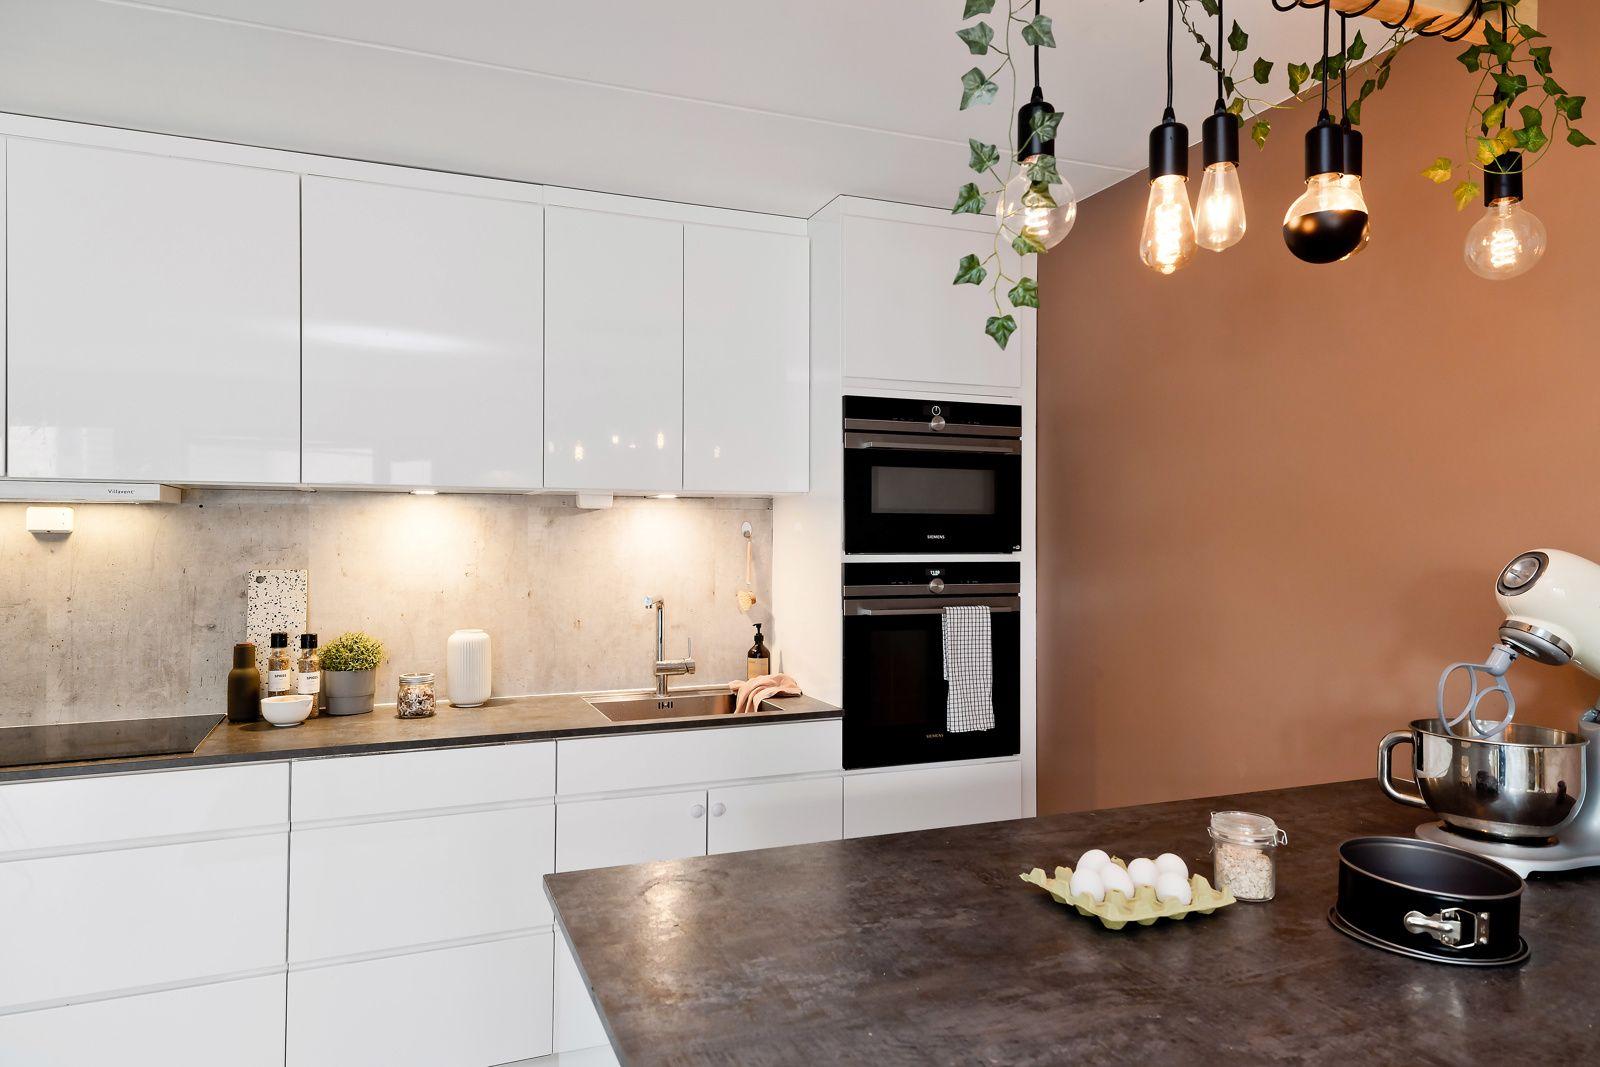 Ivan Bjørndals gate 20 Selger er glad i å tilberede mat, og kjøkkenet er tilpasset for nettopp denne lidenskapen